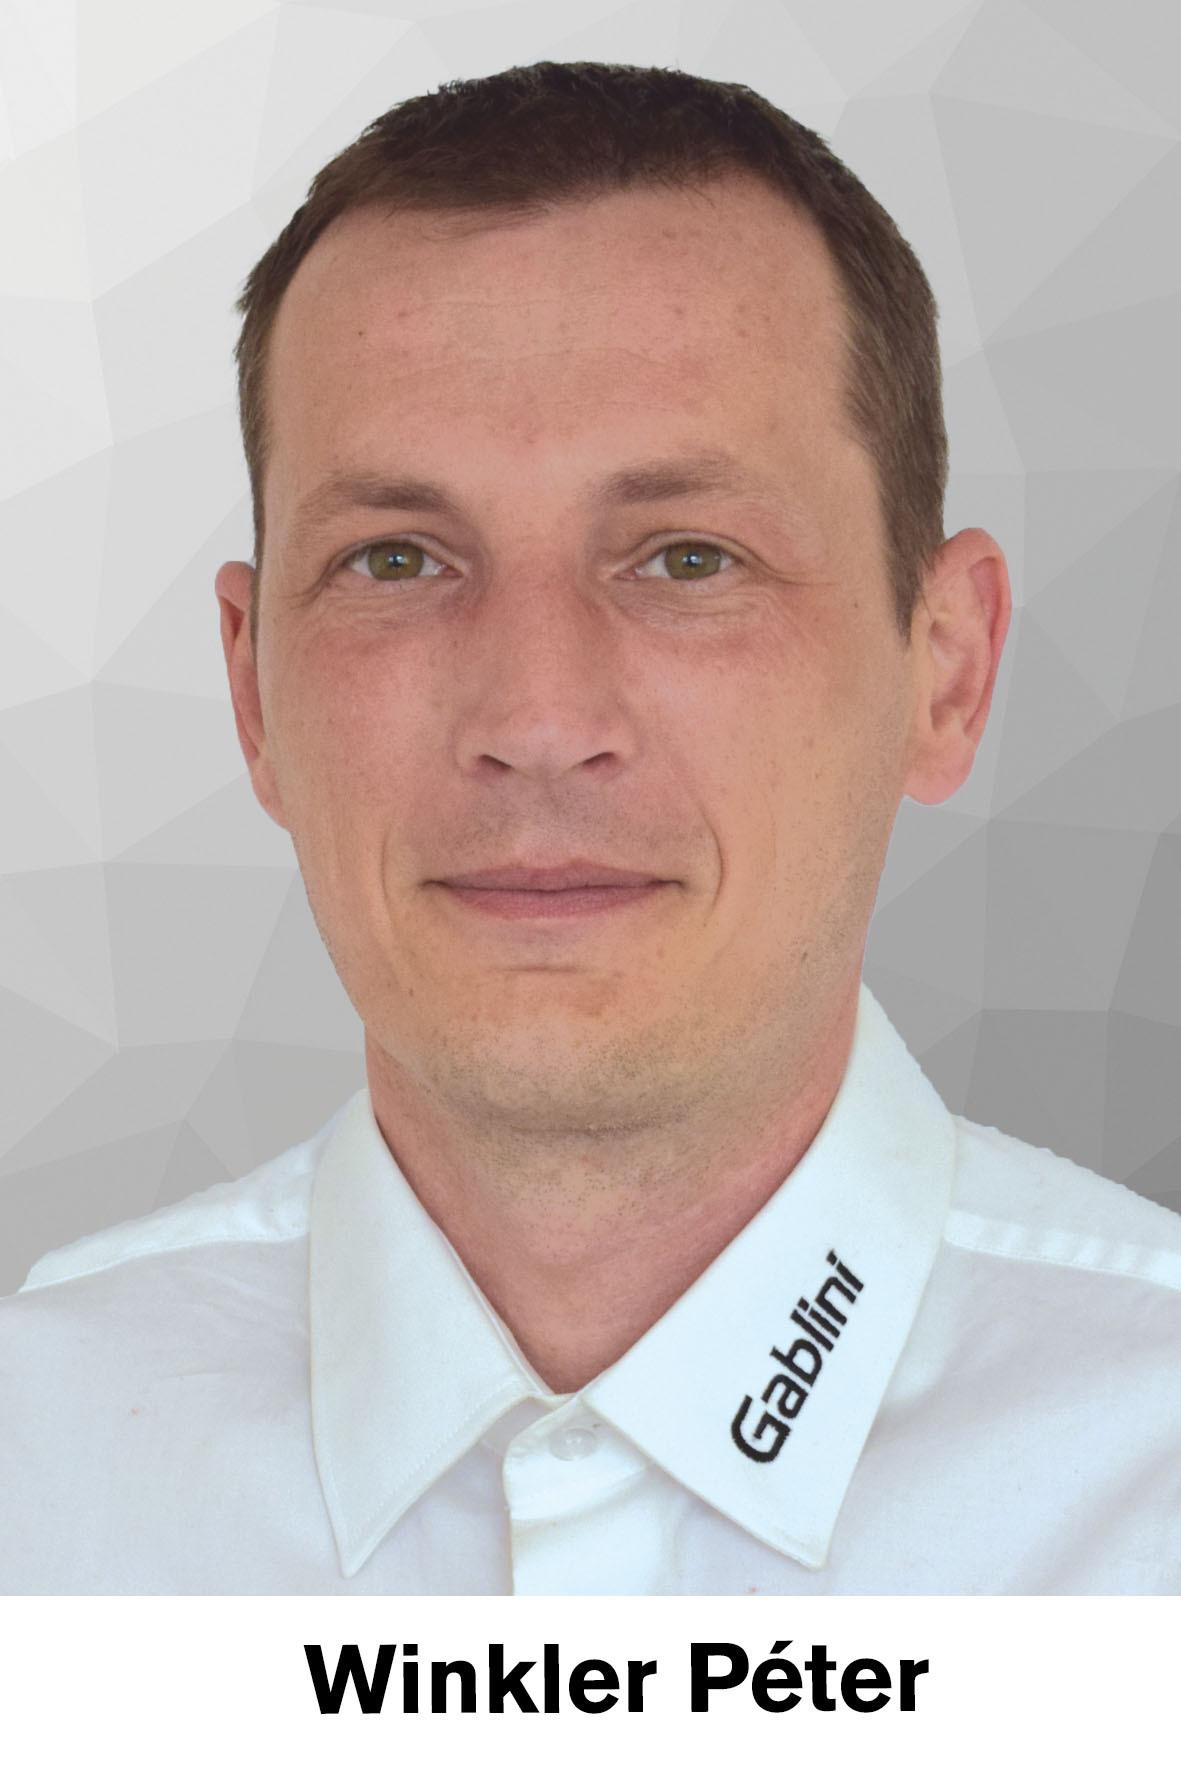 Winkler Péter